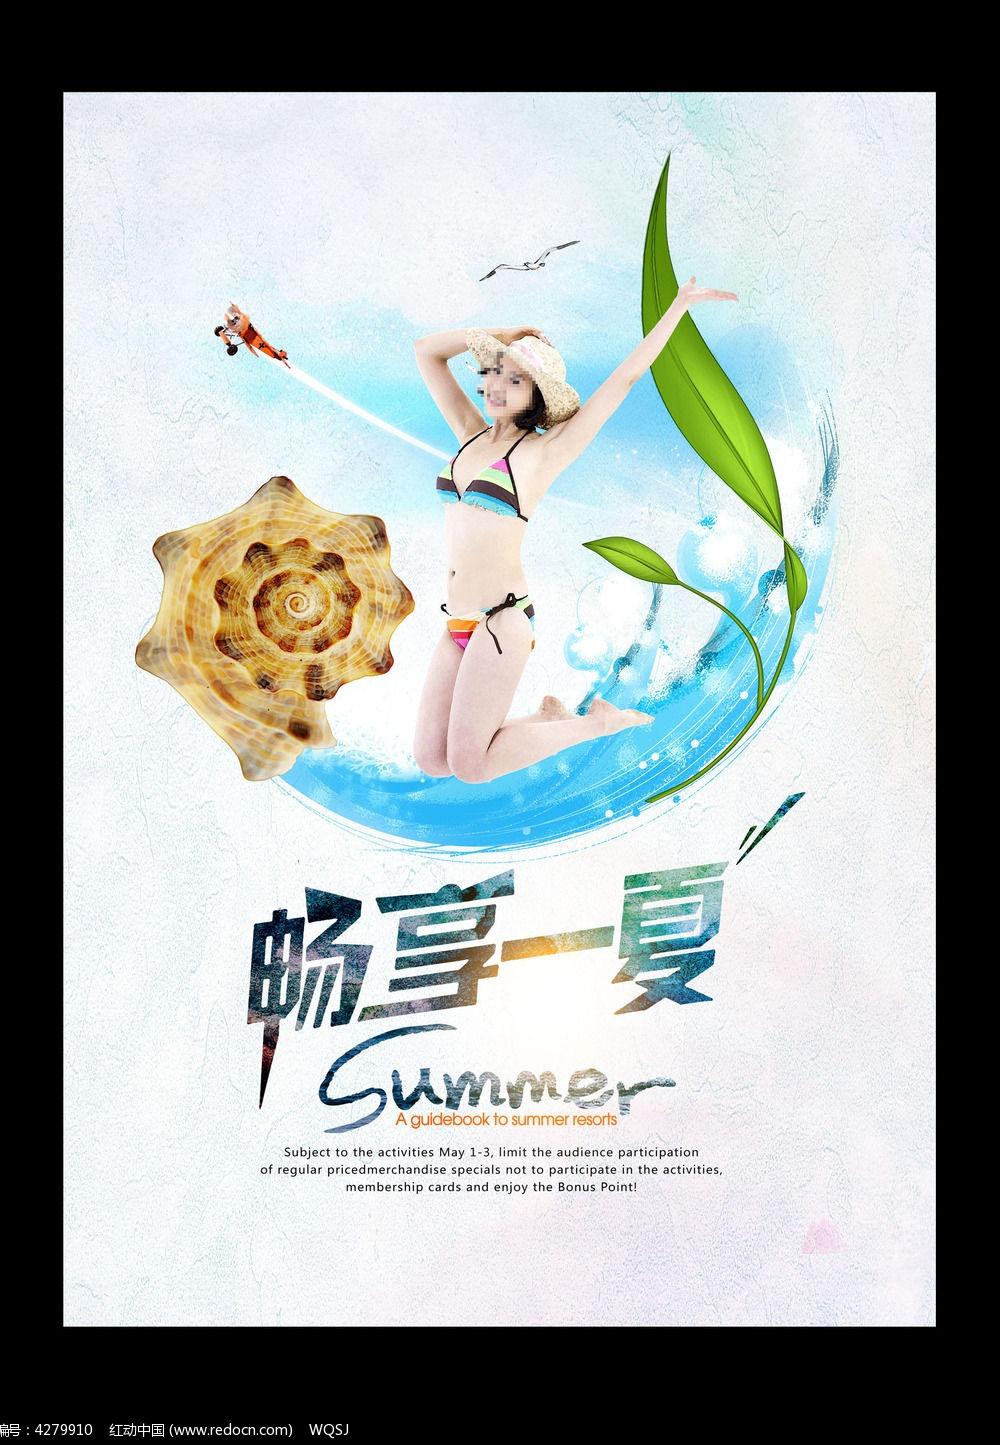 夏日海报 夏天 夏季  手绘风格